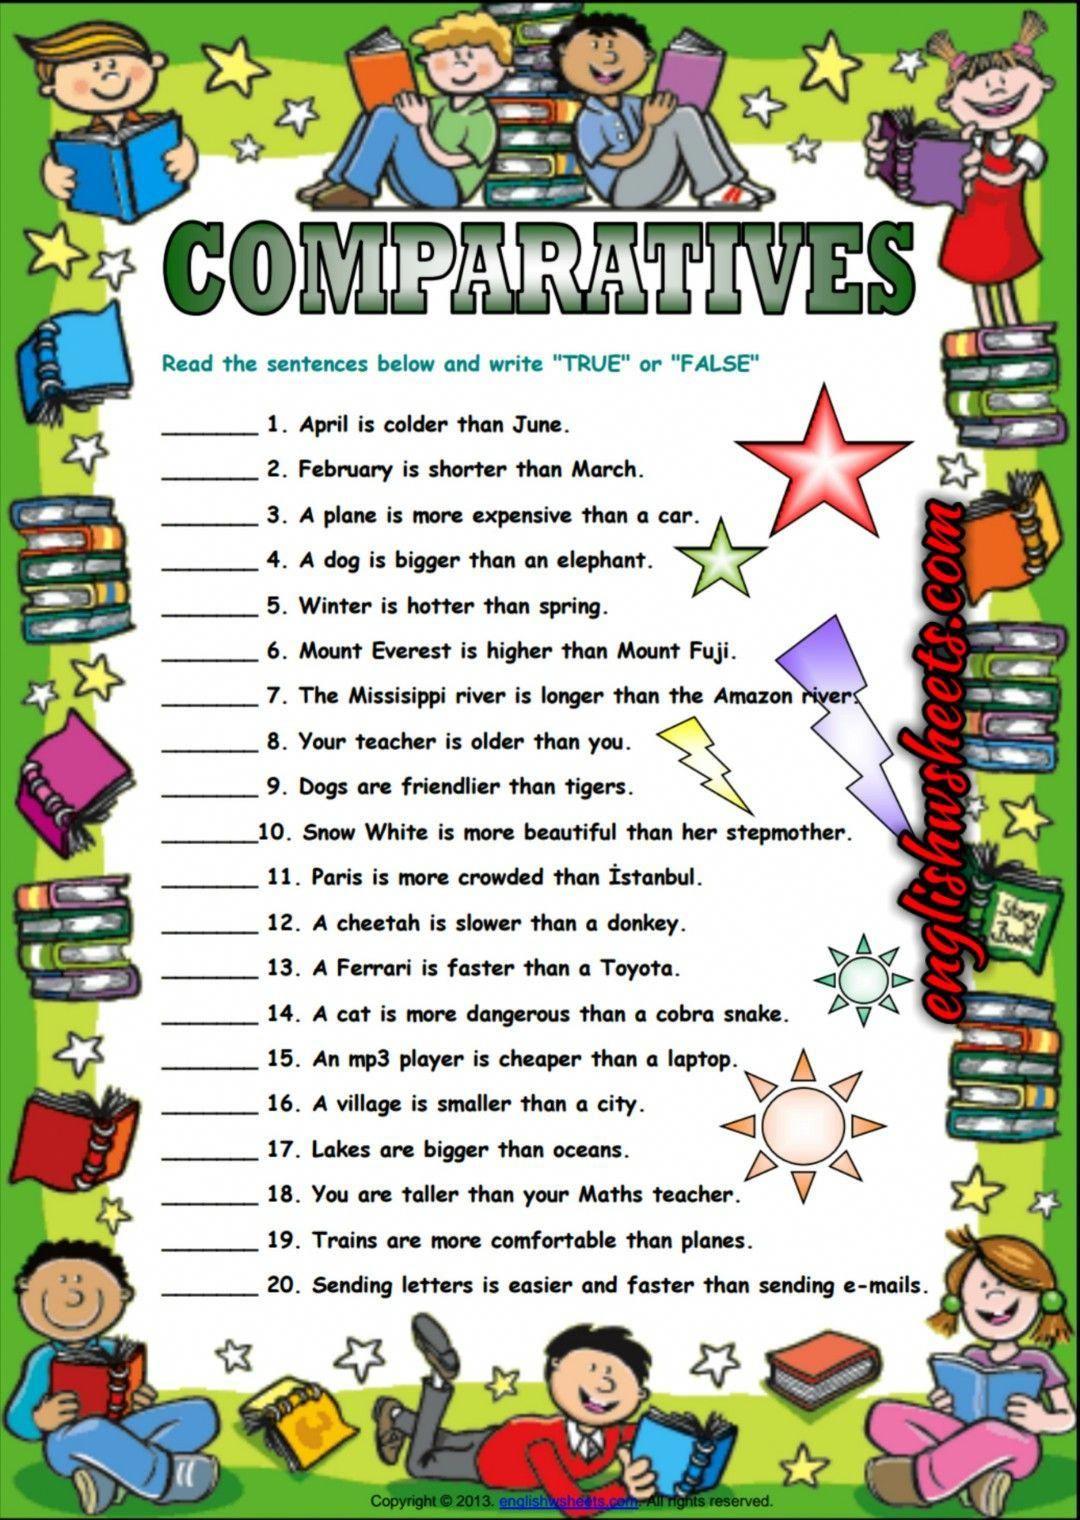 Comparatives True Or False Esl Exercise Worksheet